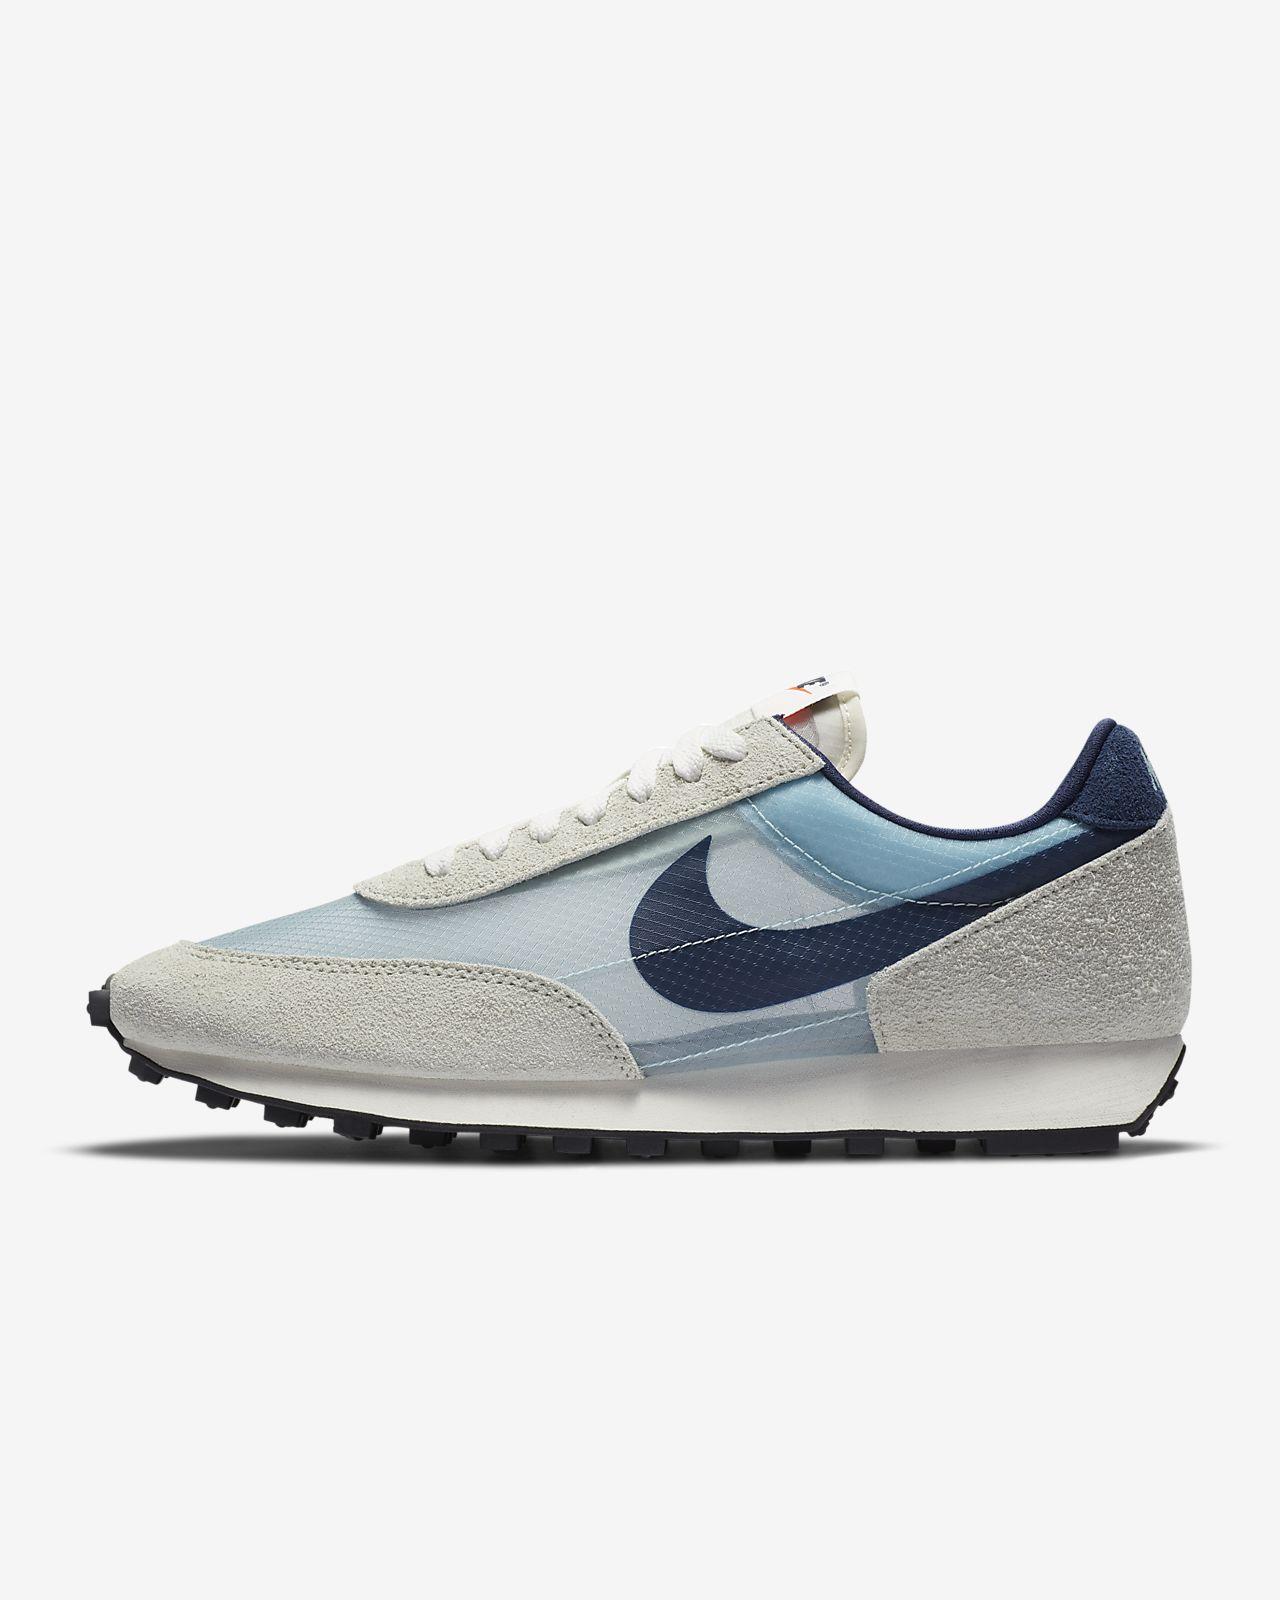 รองเท้าผู้ชาย Nike DBreak SP